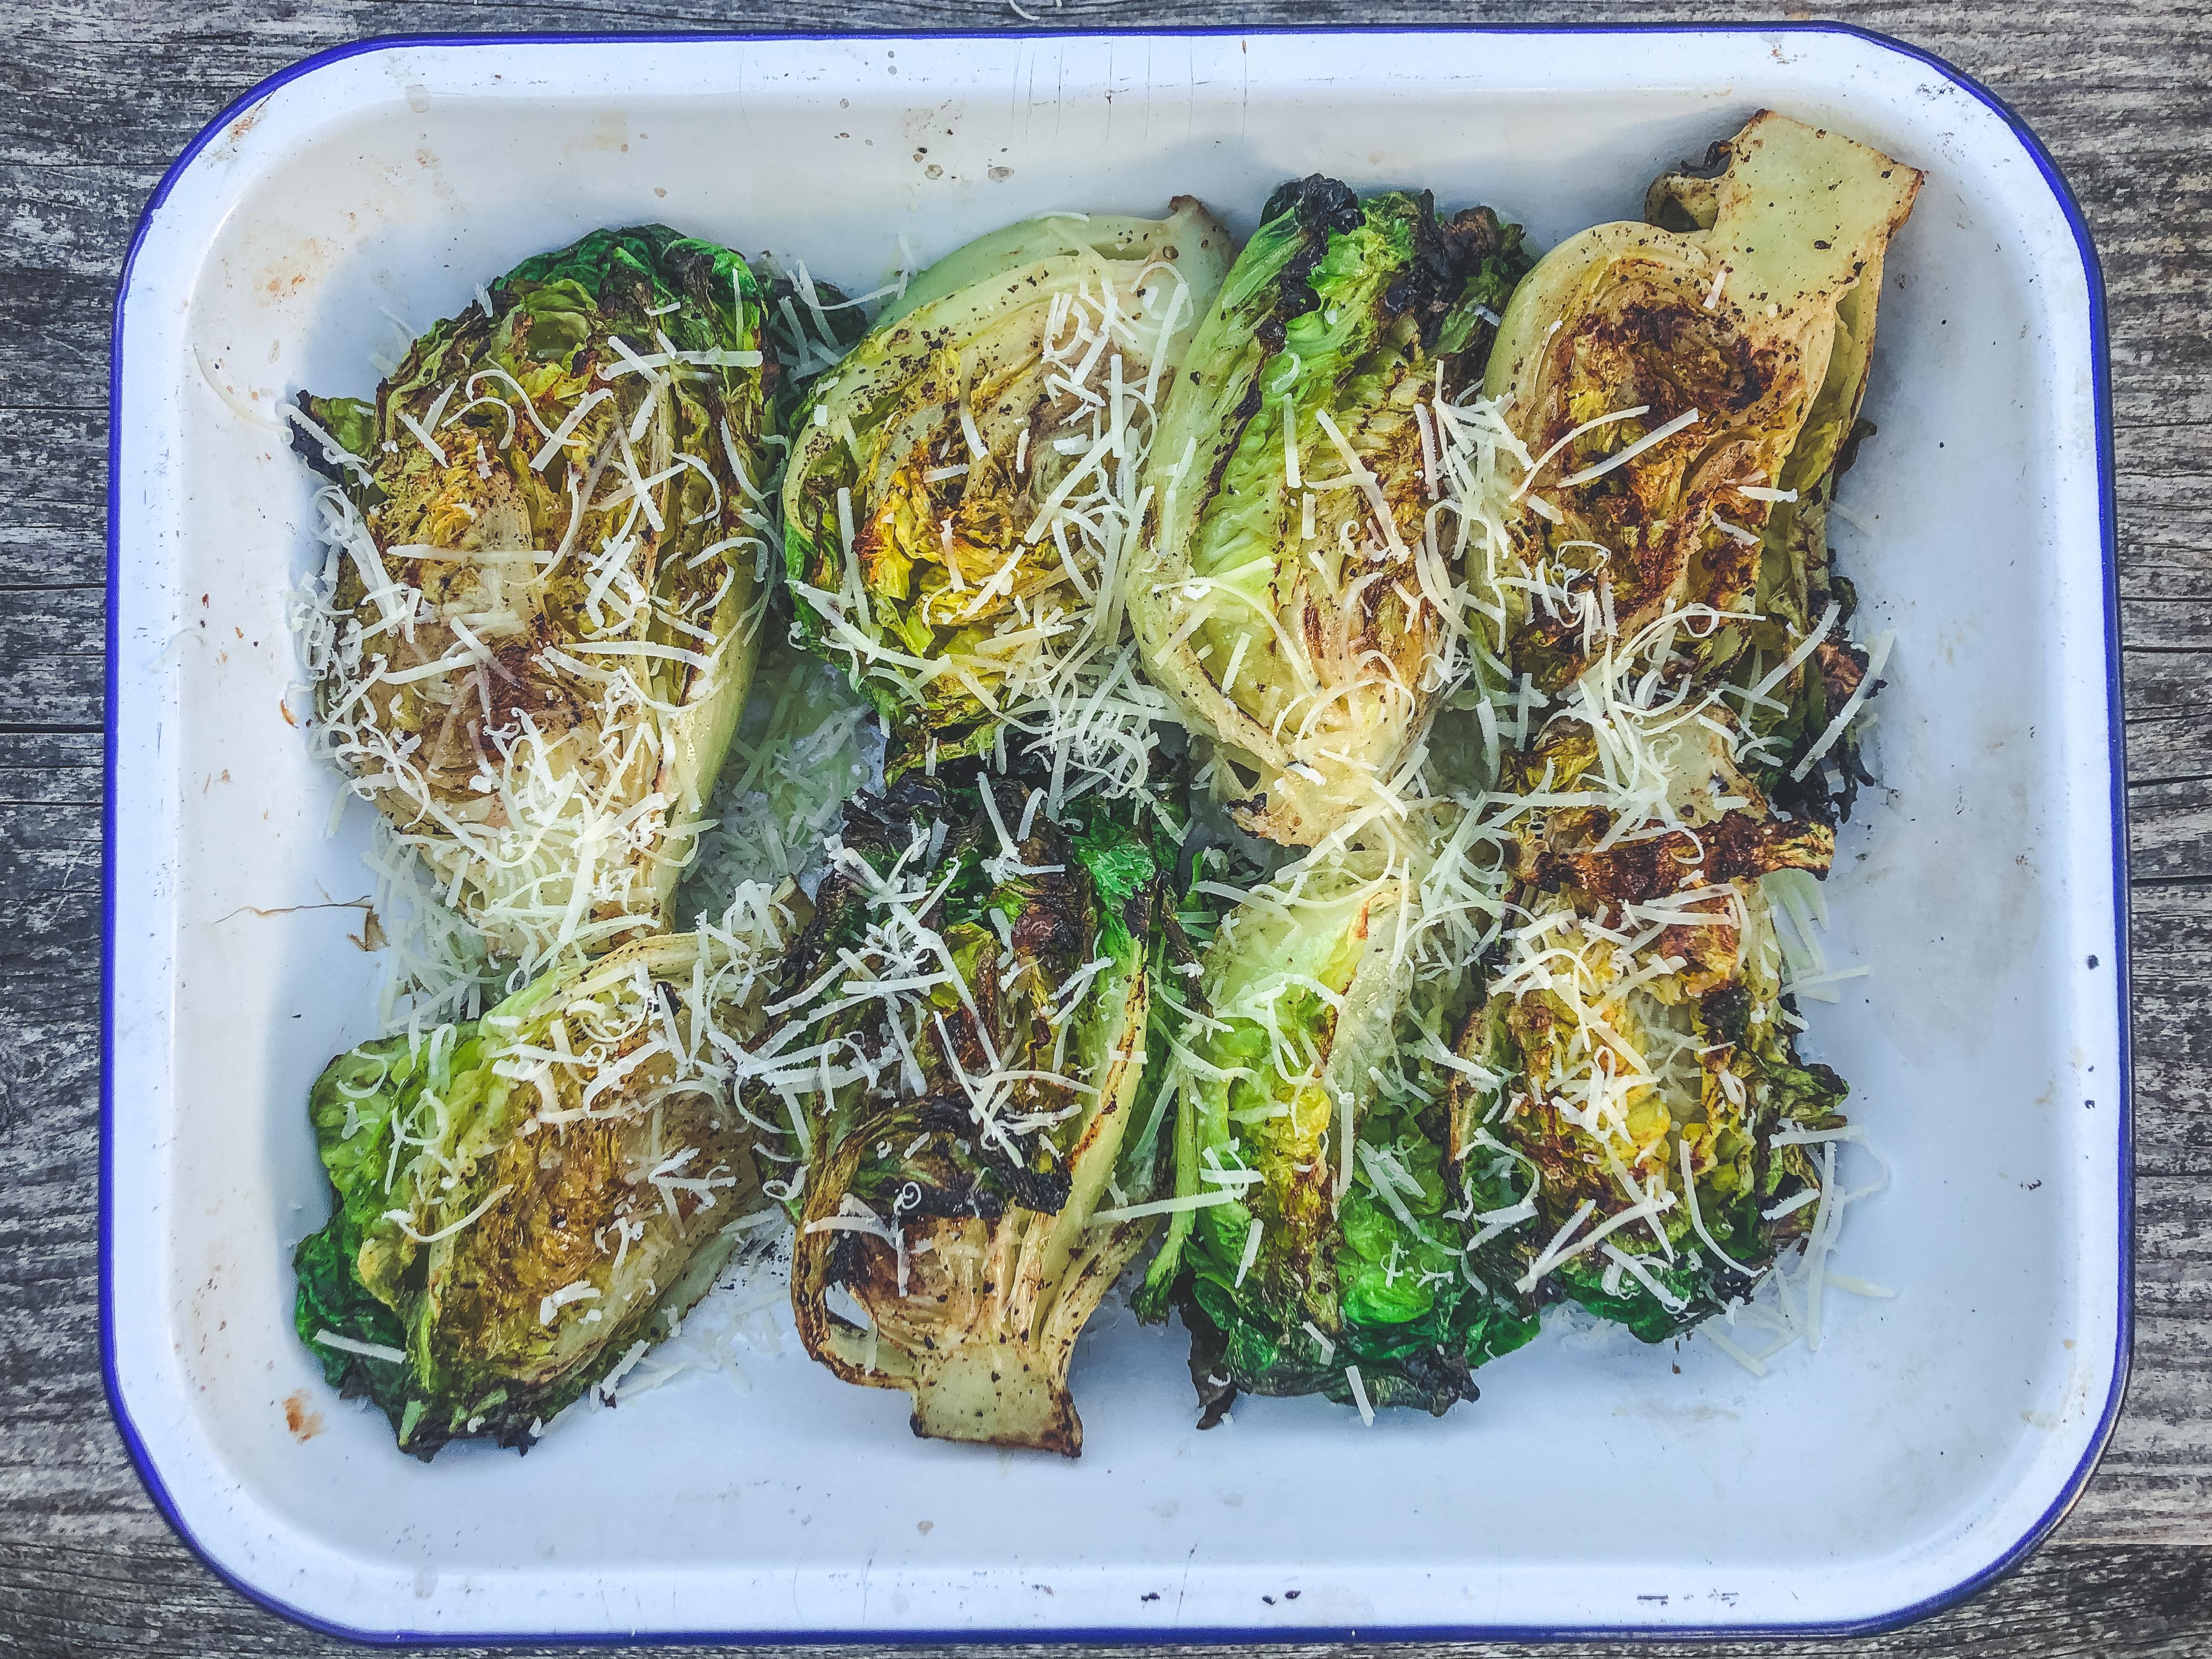 SIDES: Grilled Cos/Little Gem Lettuce